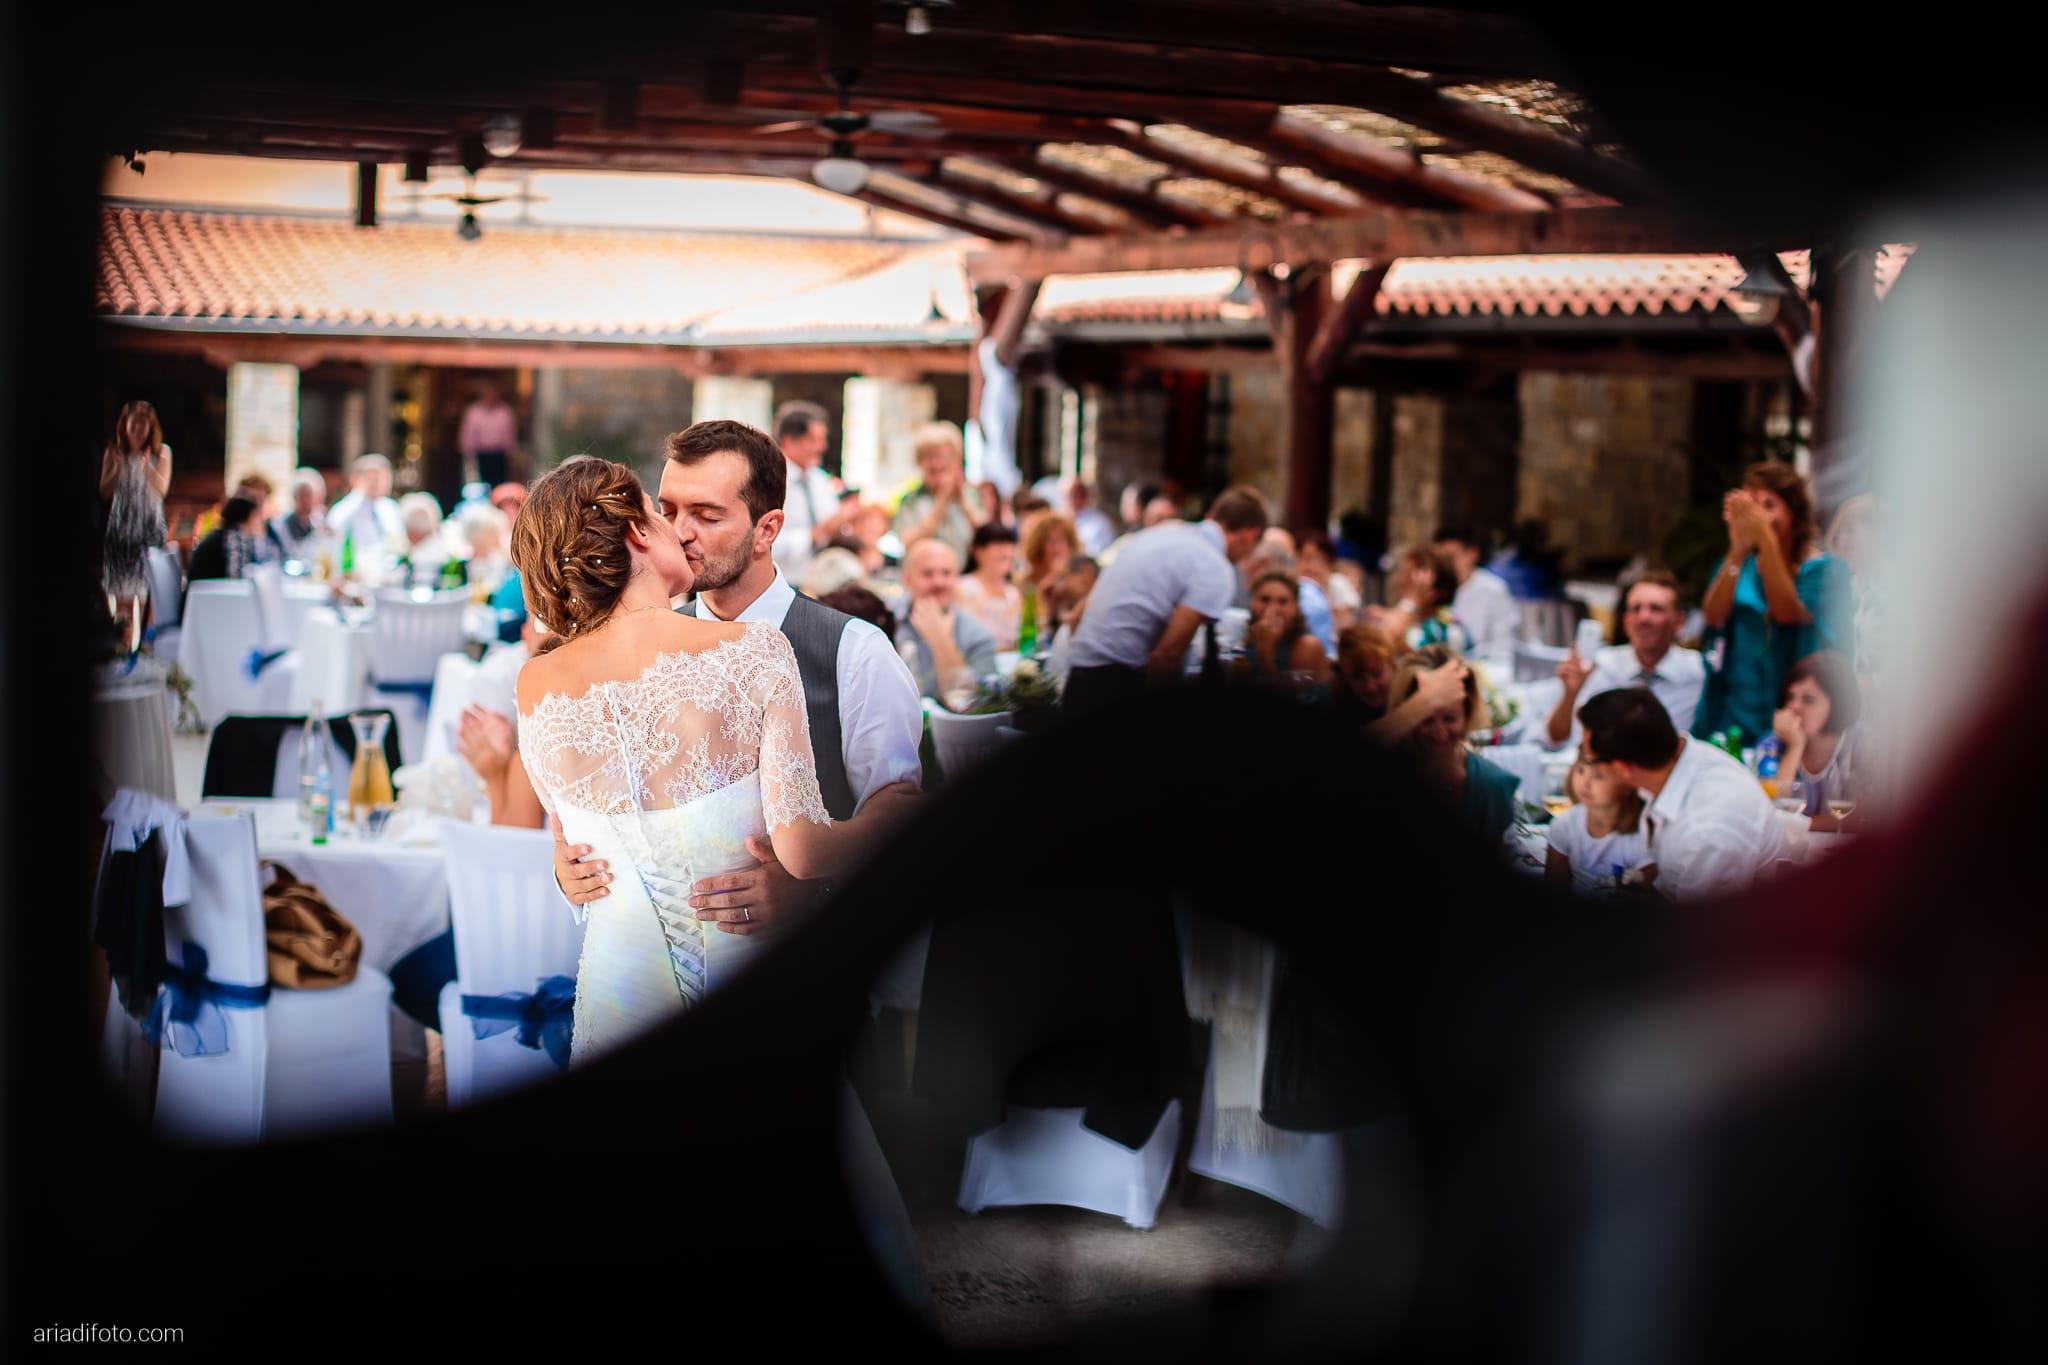 Rossella Stefano Matrimonio Muggia Mulin Koper Slovenia ricevimento primo ballo